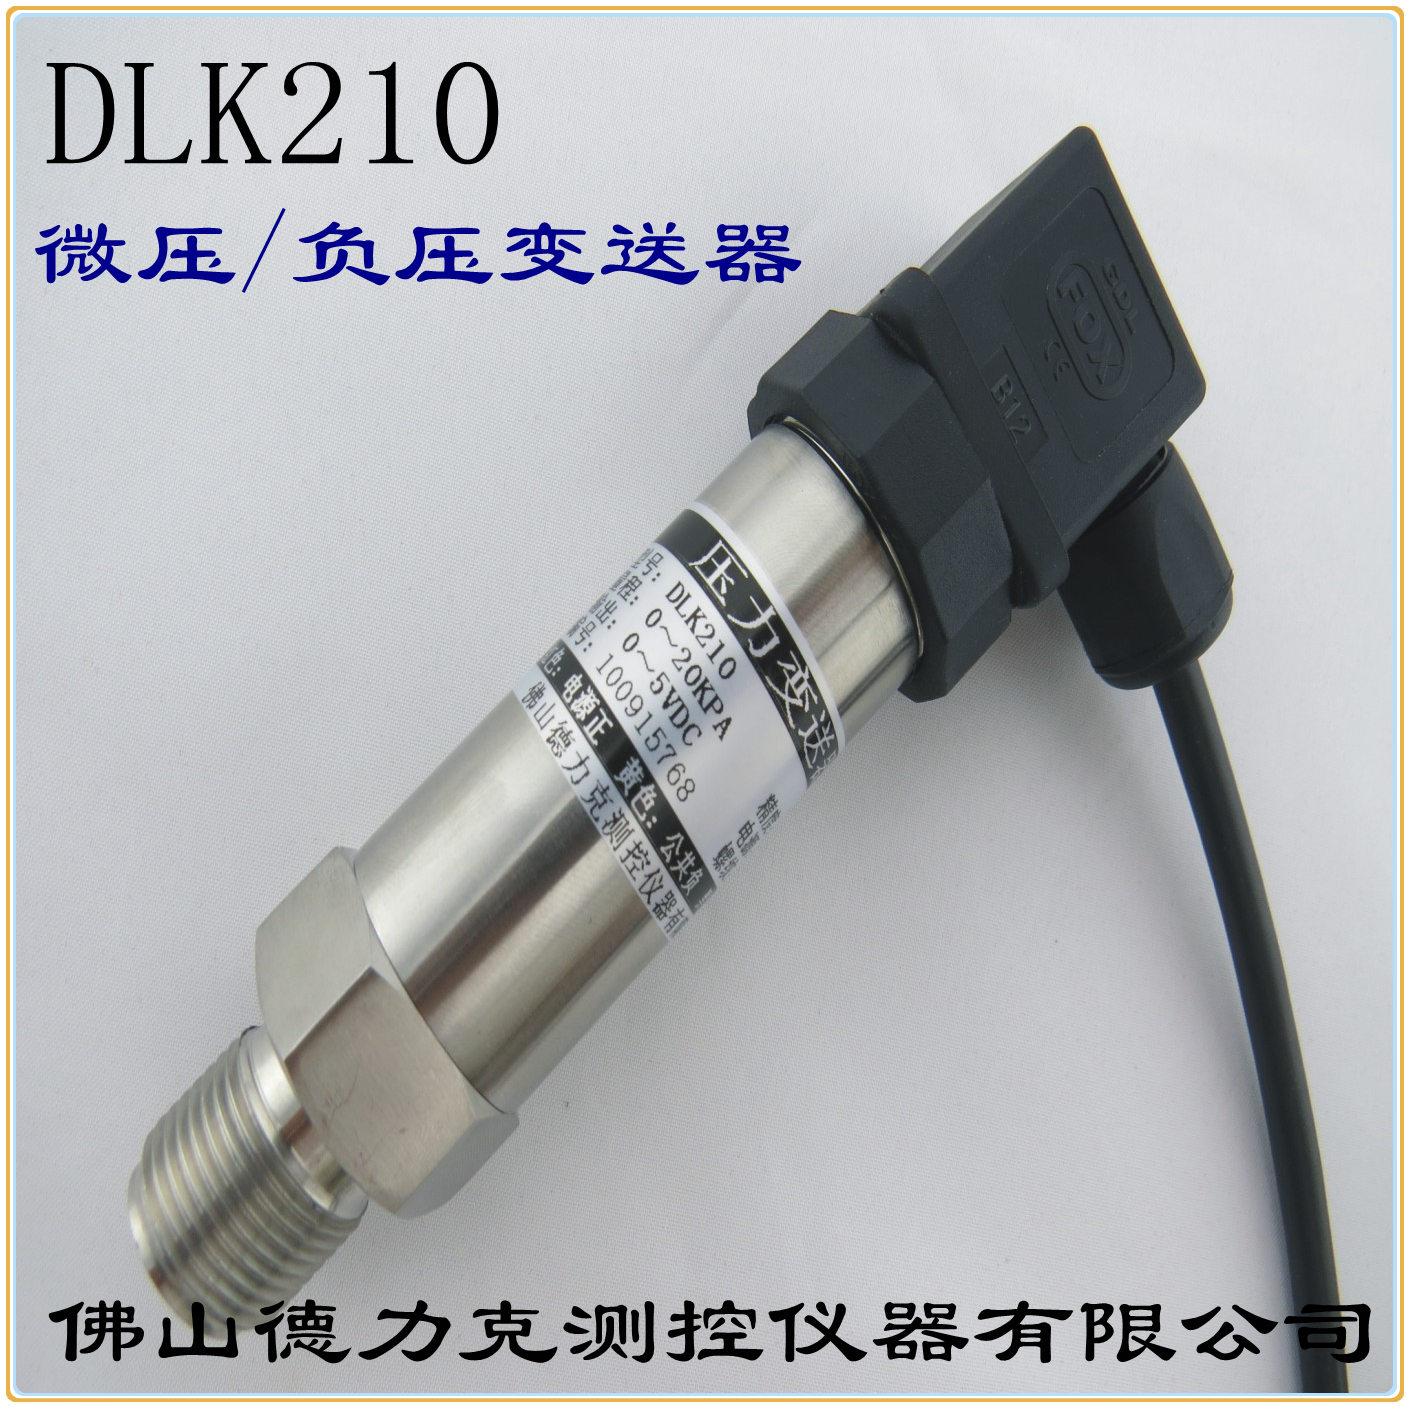 微压力传感器